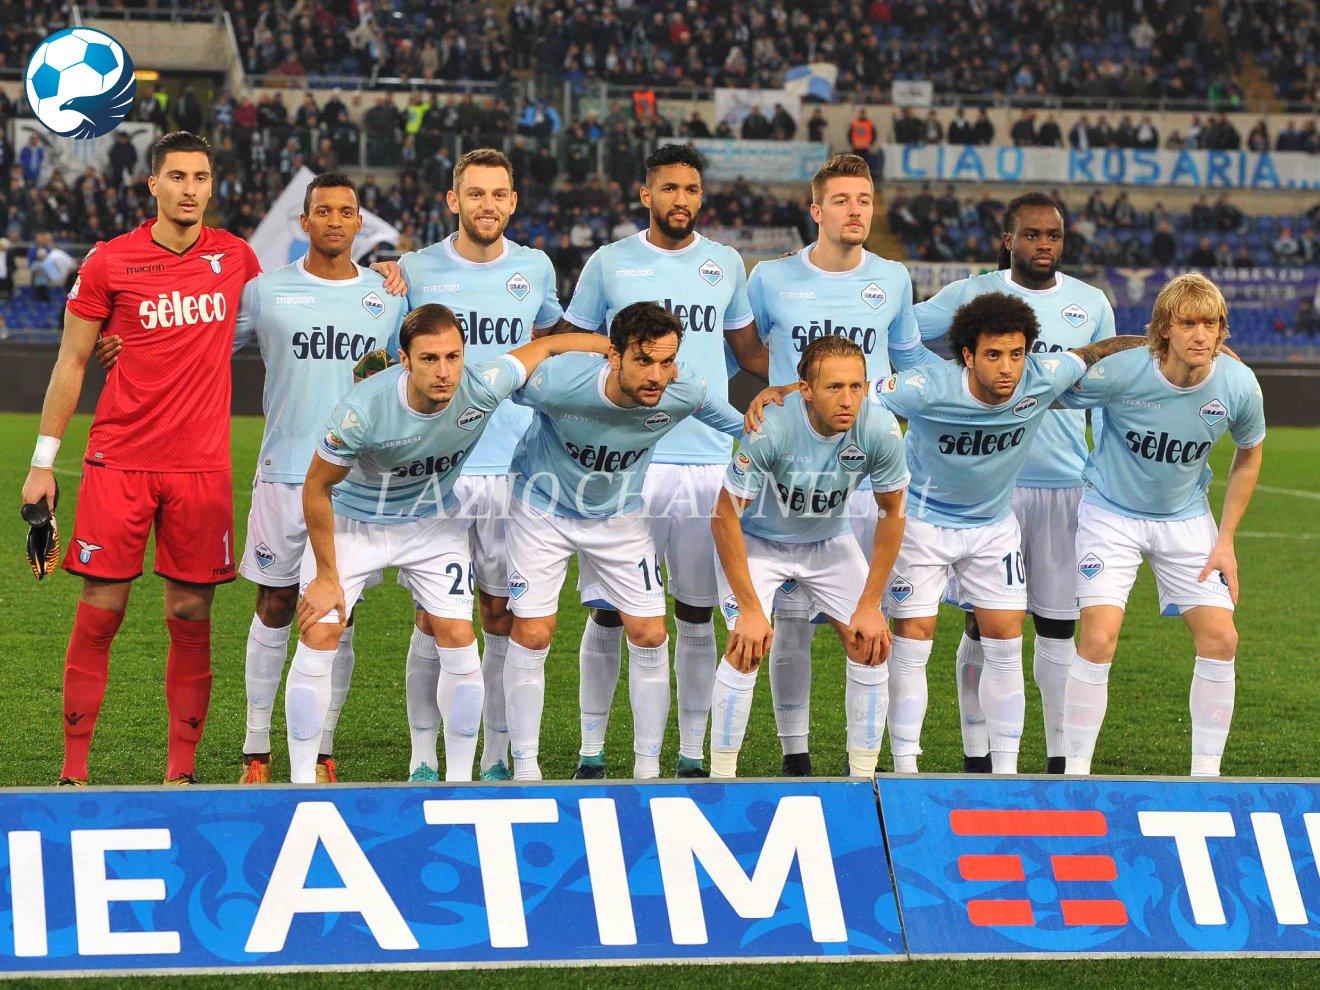 Formazione Lazio contro l'Udinese